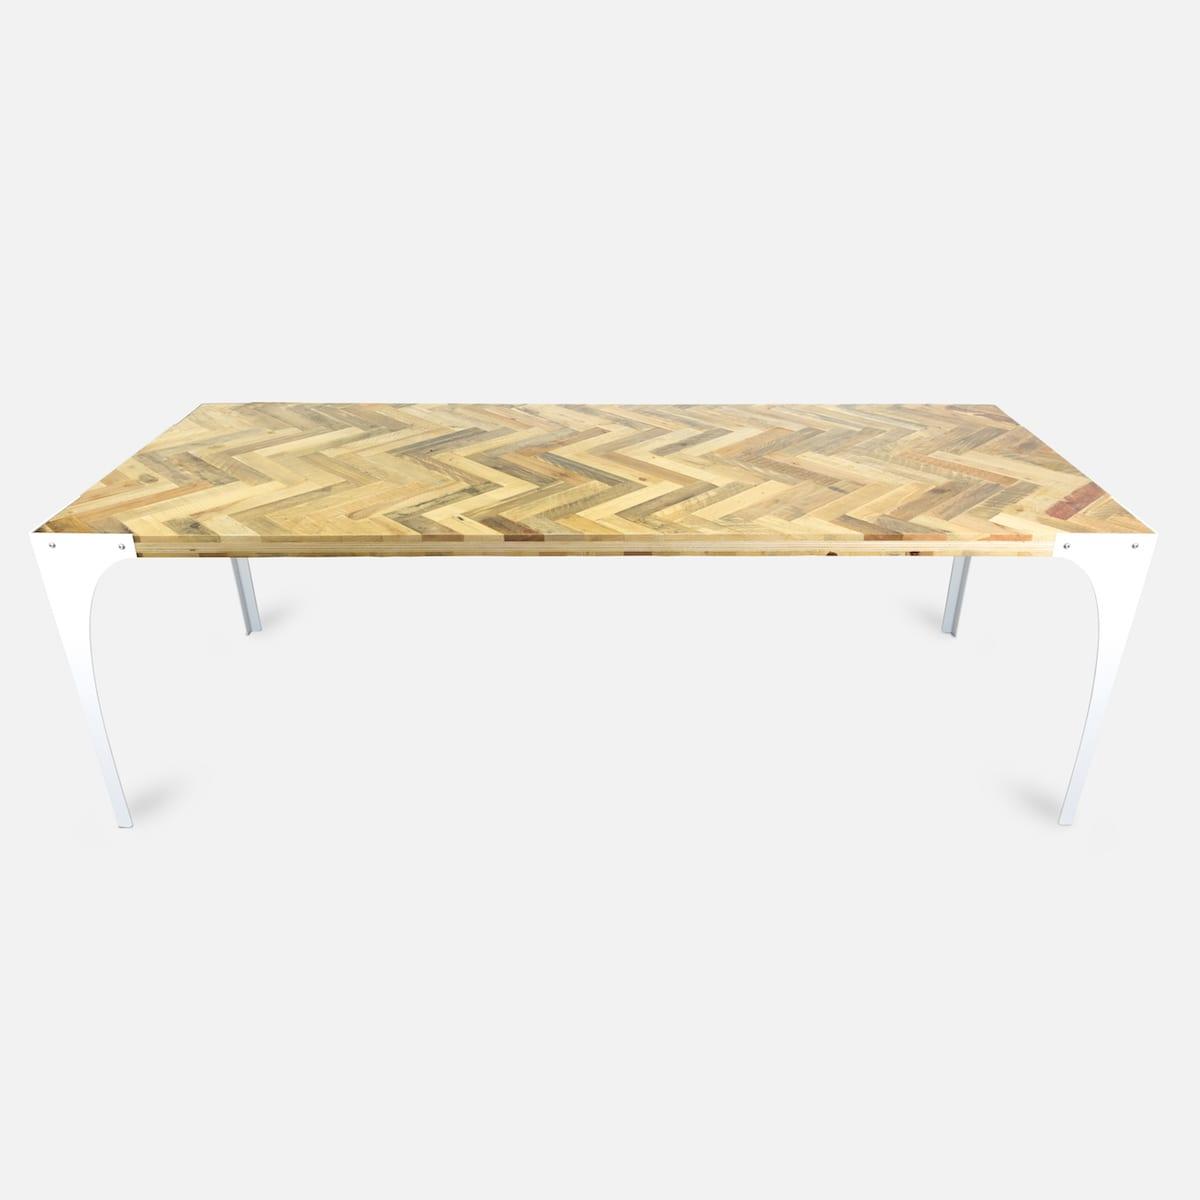 Houten Tafel Met Wit Onderstel.Tafel Met Visgraat Tafelblad Tolhuijs Design Studio Perspective